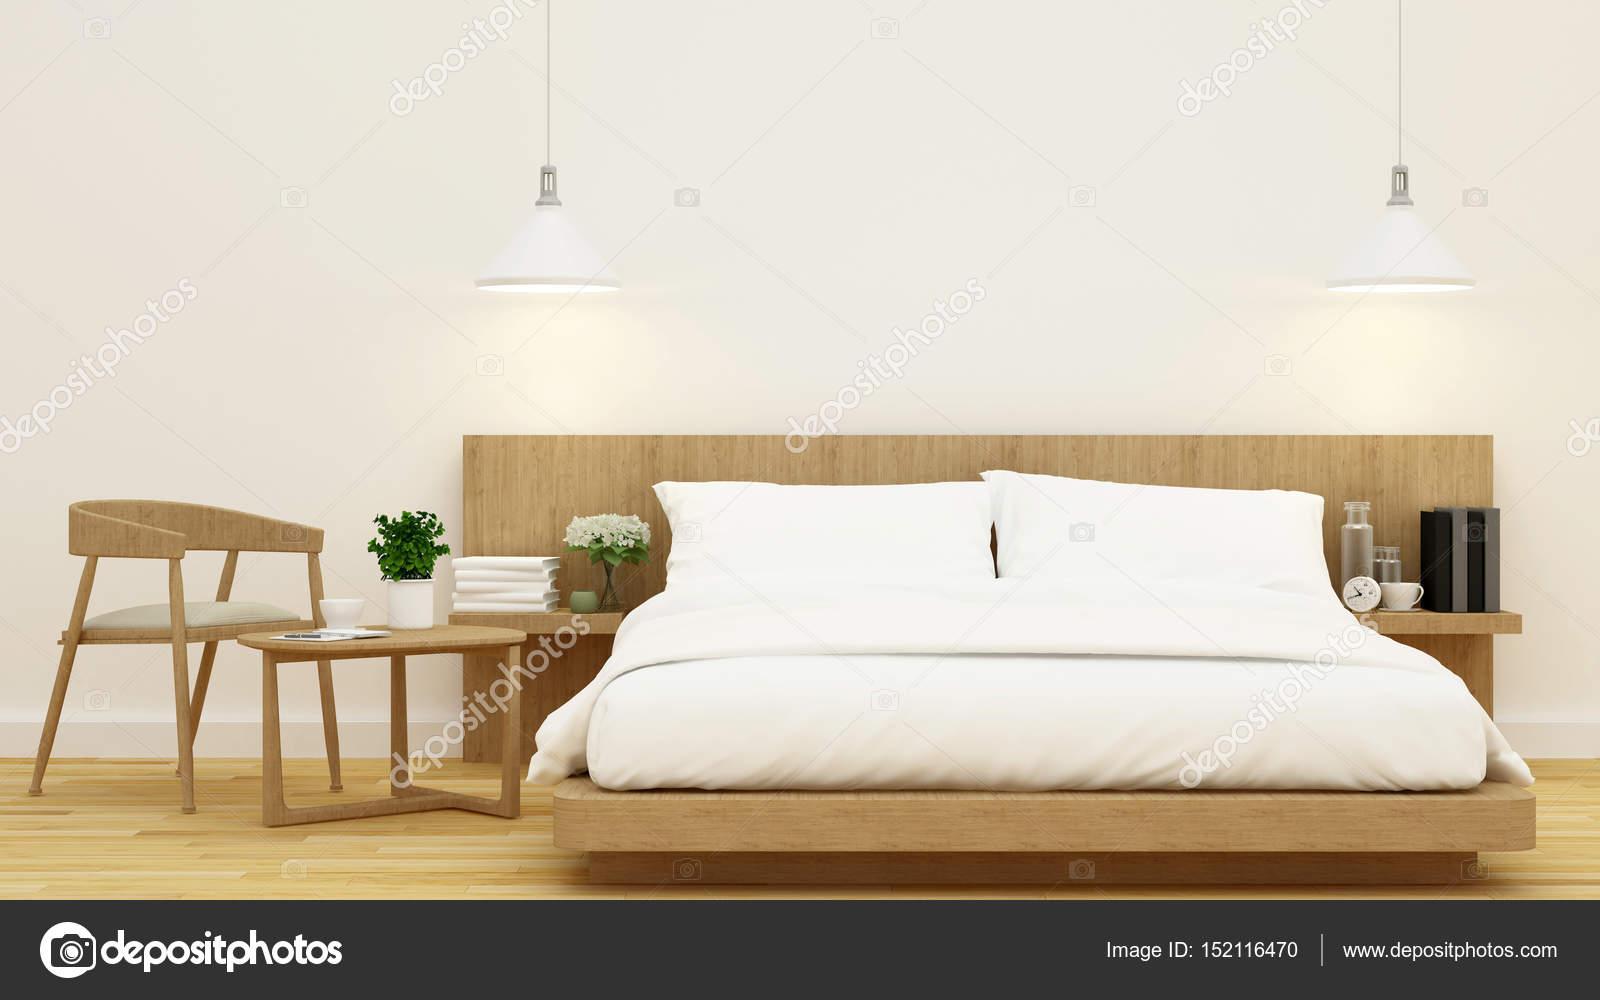 Letti Di Design In Legno : Camera da letto di design in legno e telaio per opera d arte